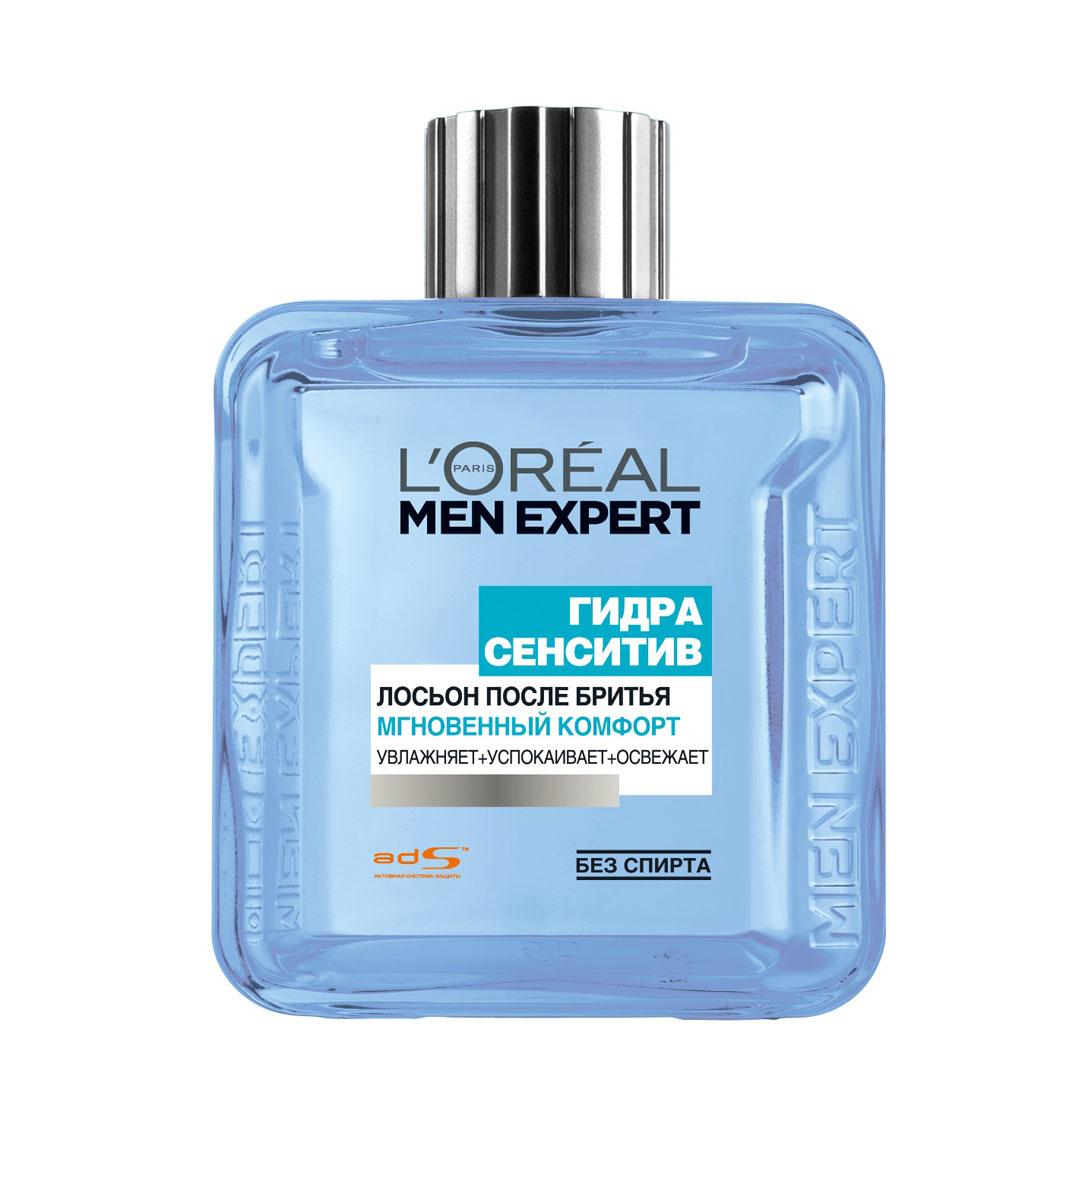 LOreal Paris Men Expert Лосьон после бритья Гидра Сенситив, Мгновенный комфорт, для чувствительной кожи, увлажняющий, успокаивающий, 100 мл